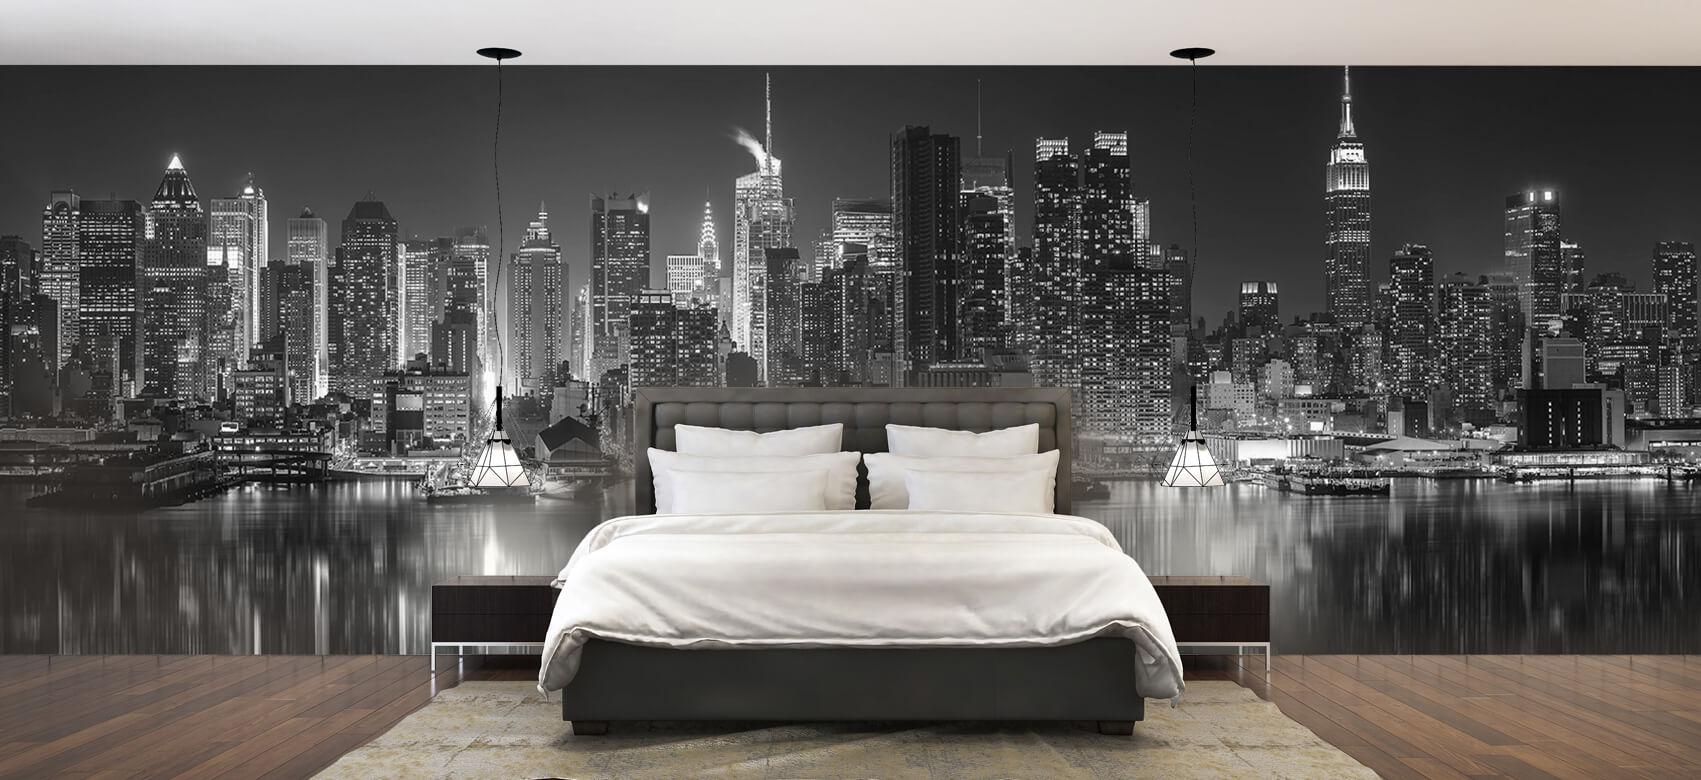 World & Cities Photo wallpaper New York skyline at night 2